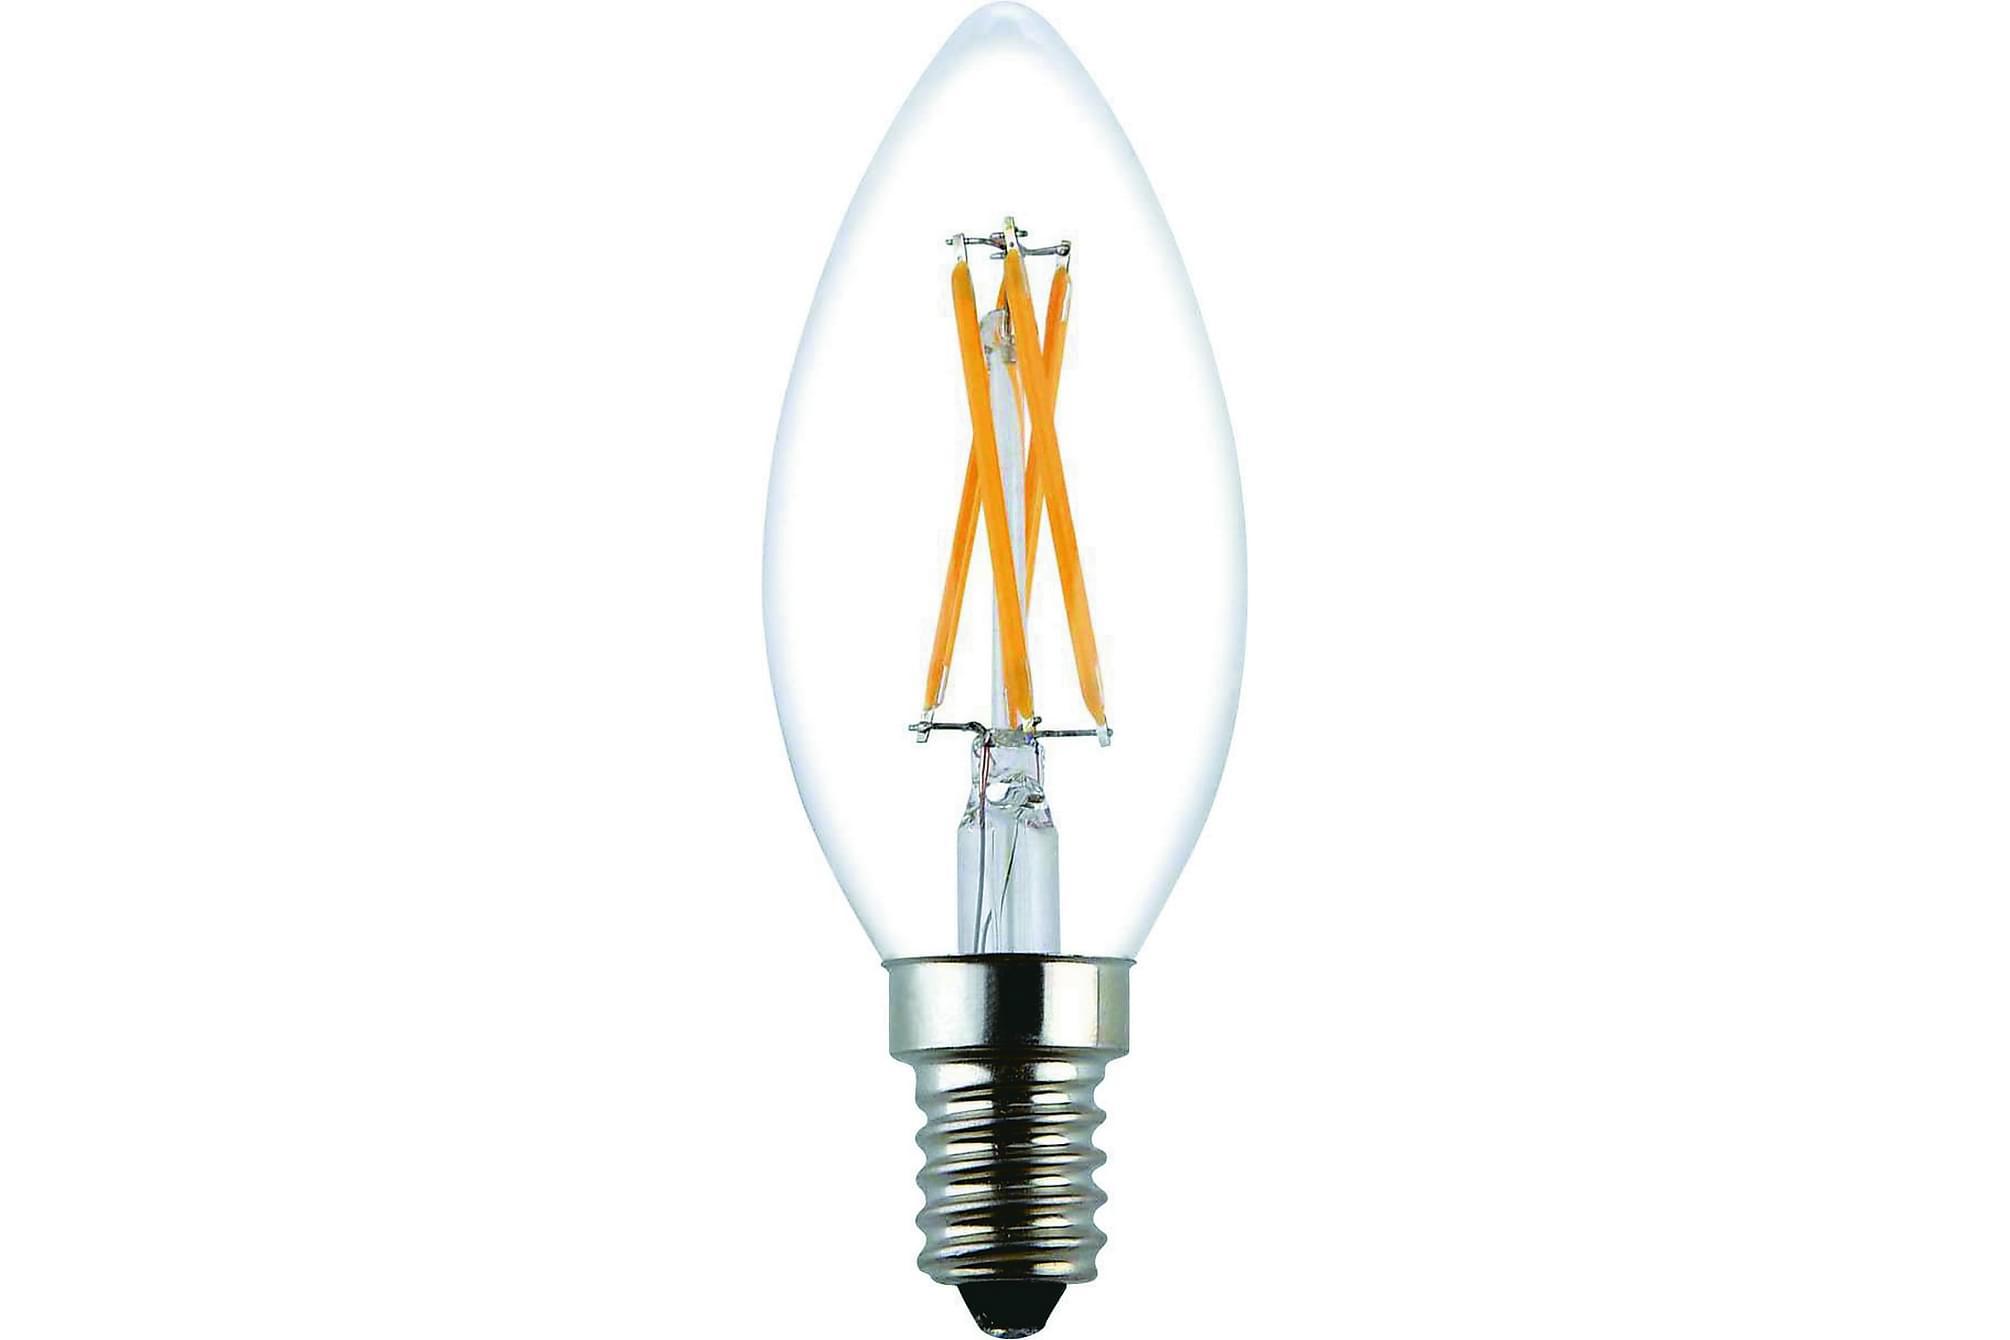 JUNG LED-lampa 1,8W E14 2700K Filament Klar, Glödlampor & ljuskällor